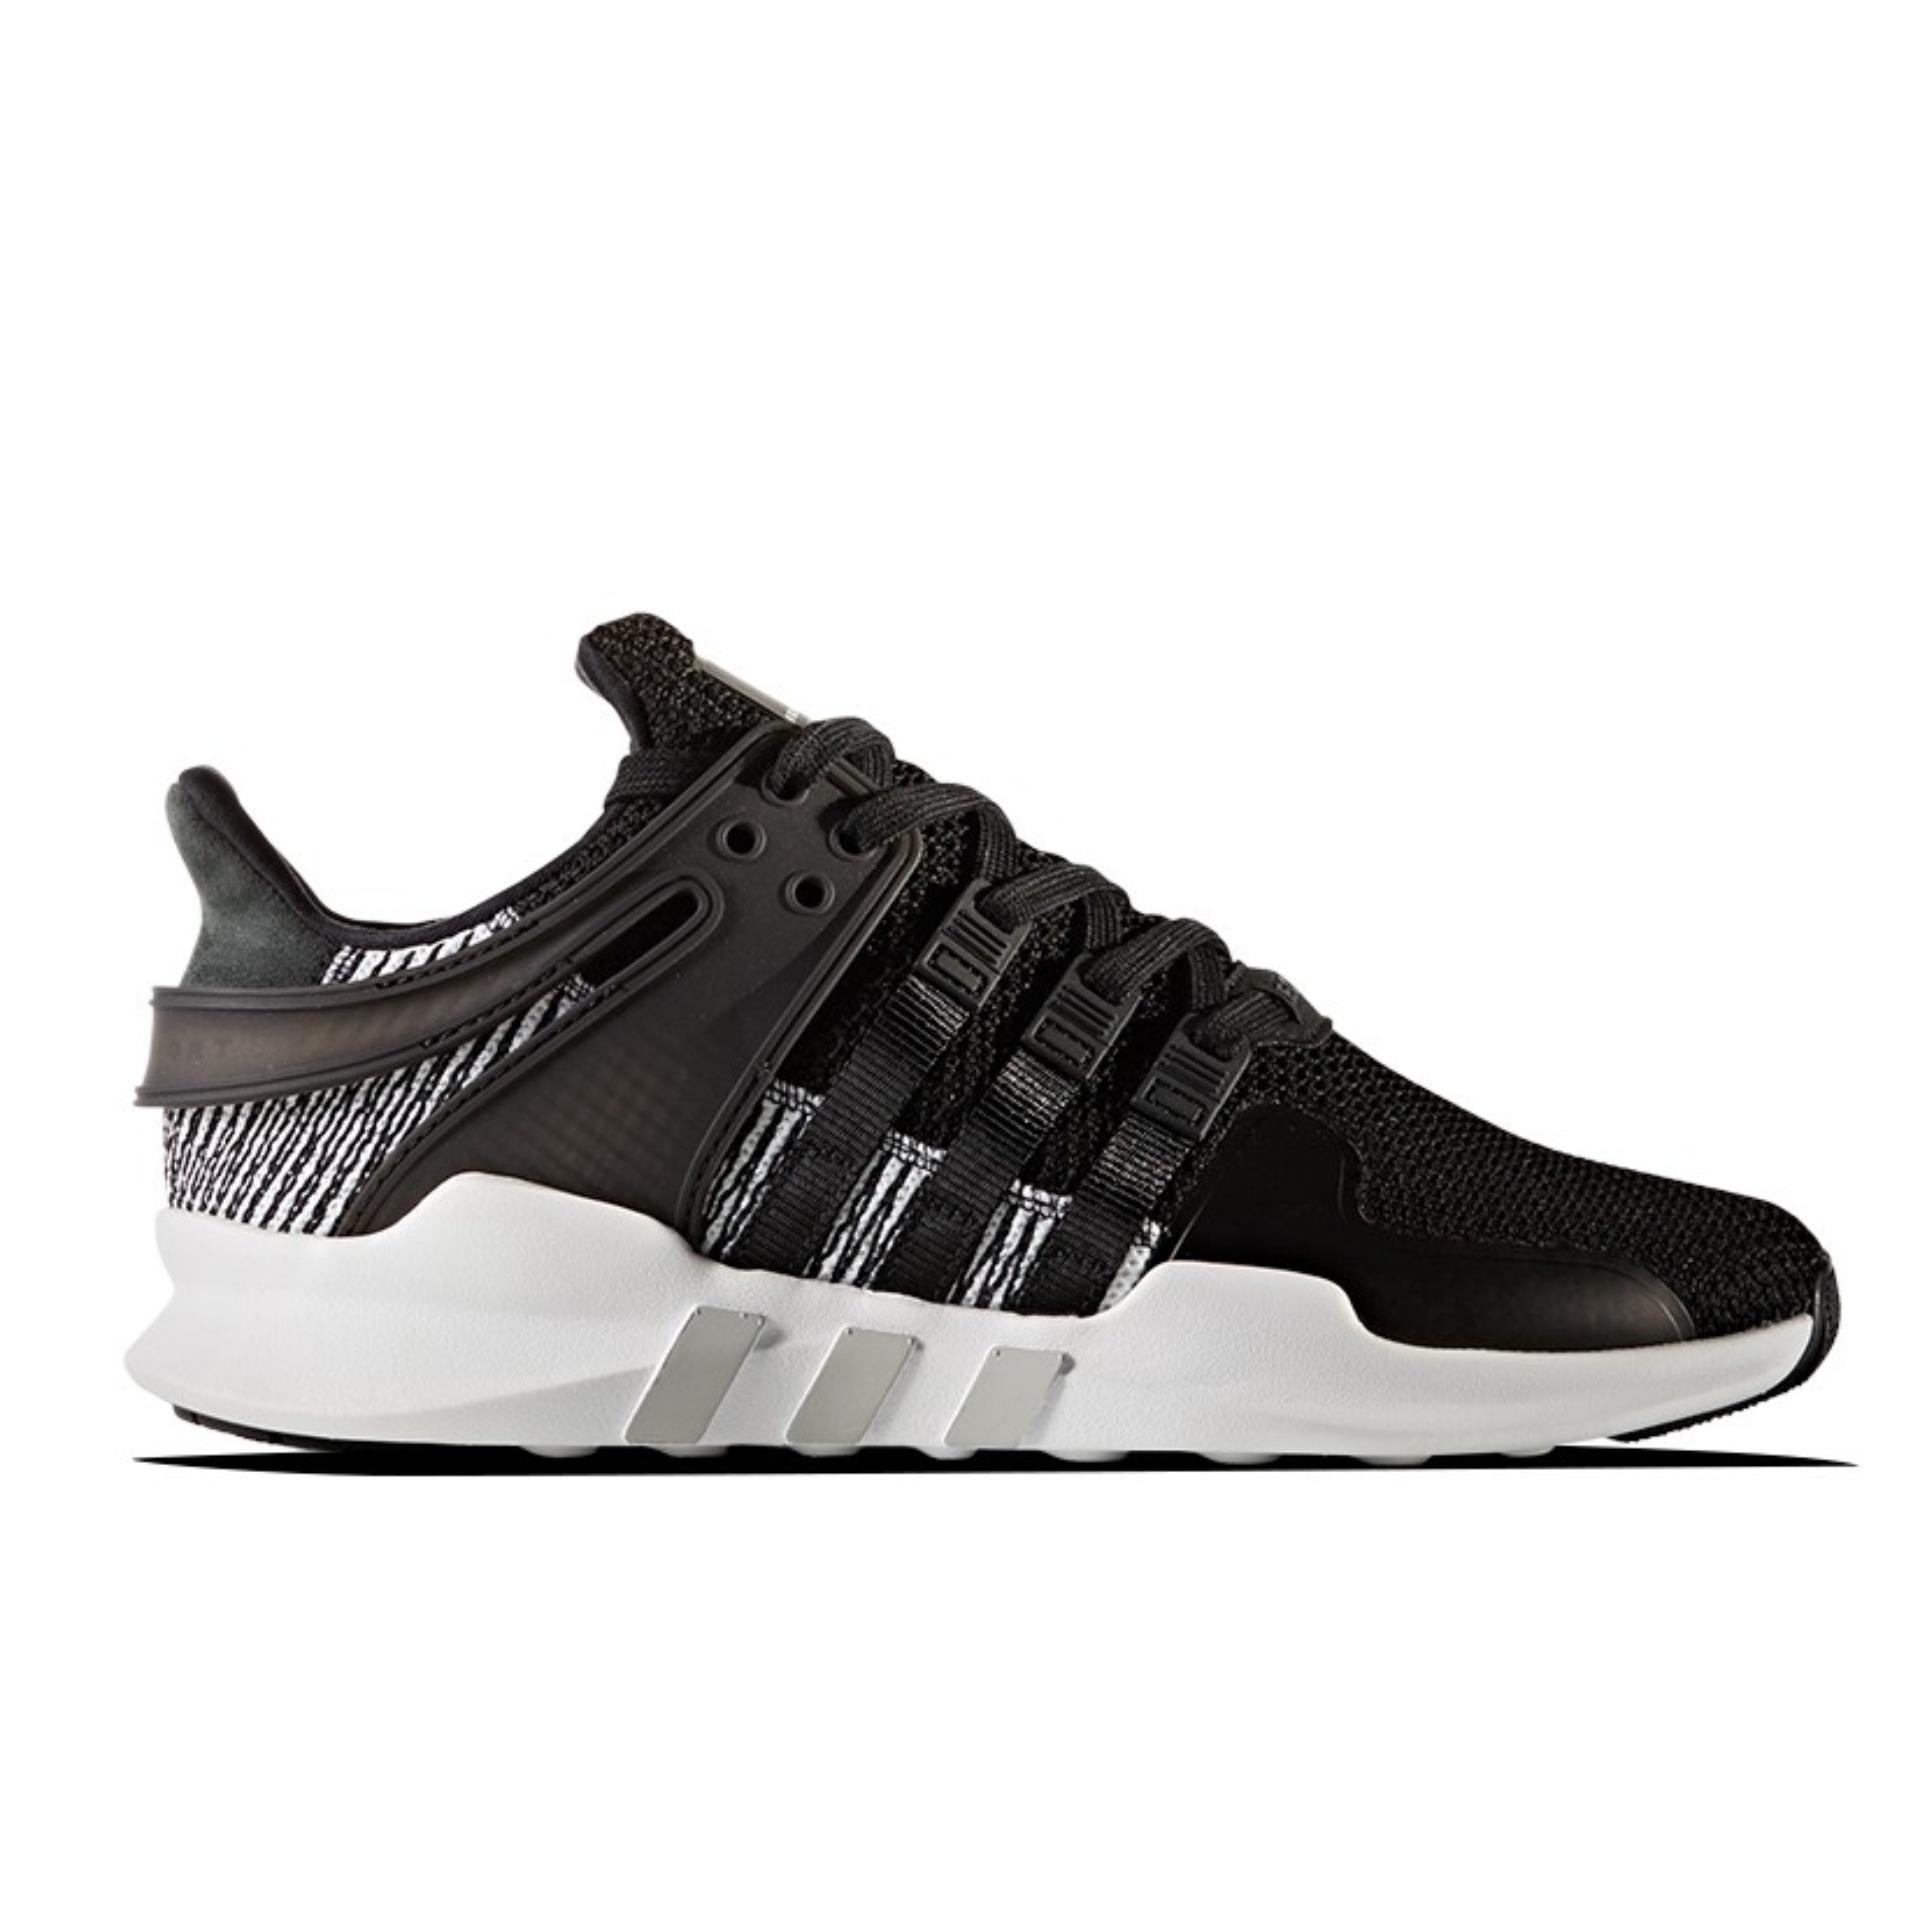 Spesifikasi Adidas Sepatu Sneaker Eqt Support Adv By9585 Hitam Yang Bagus